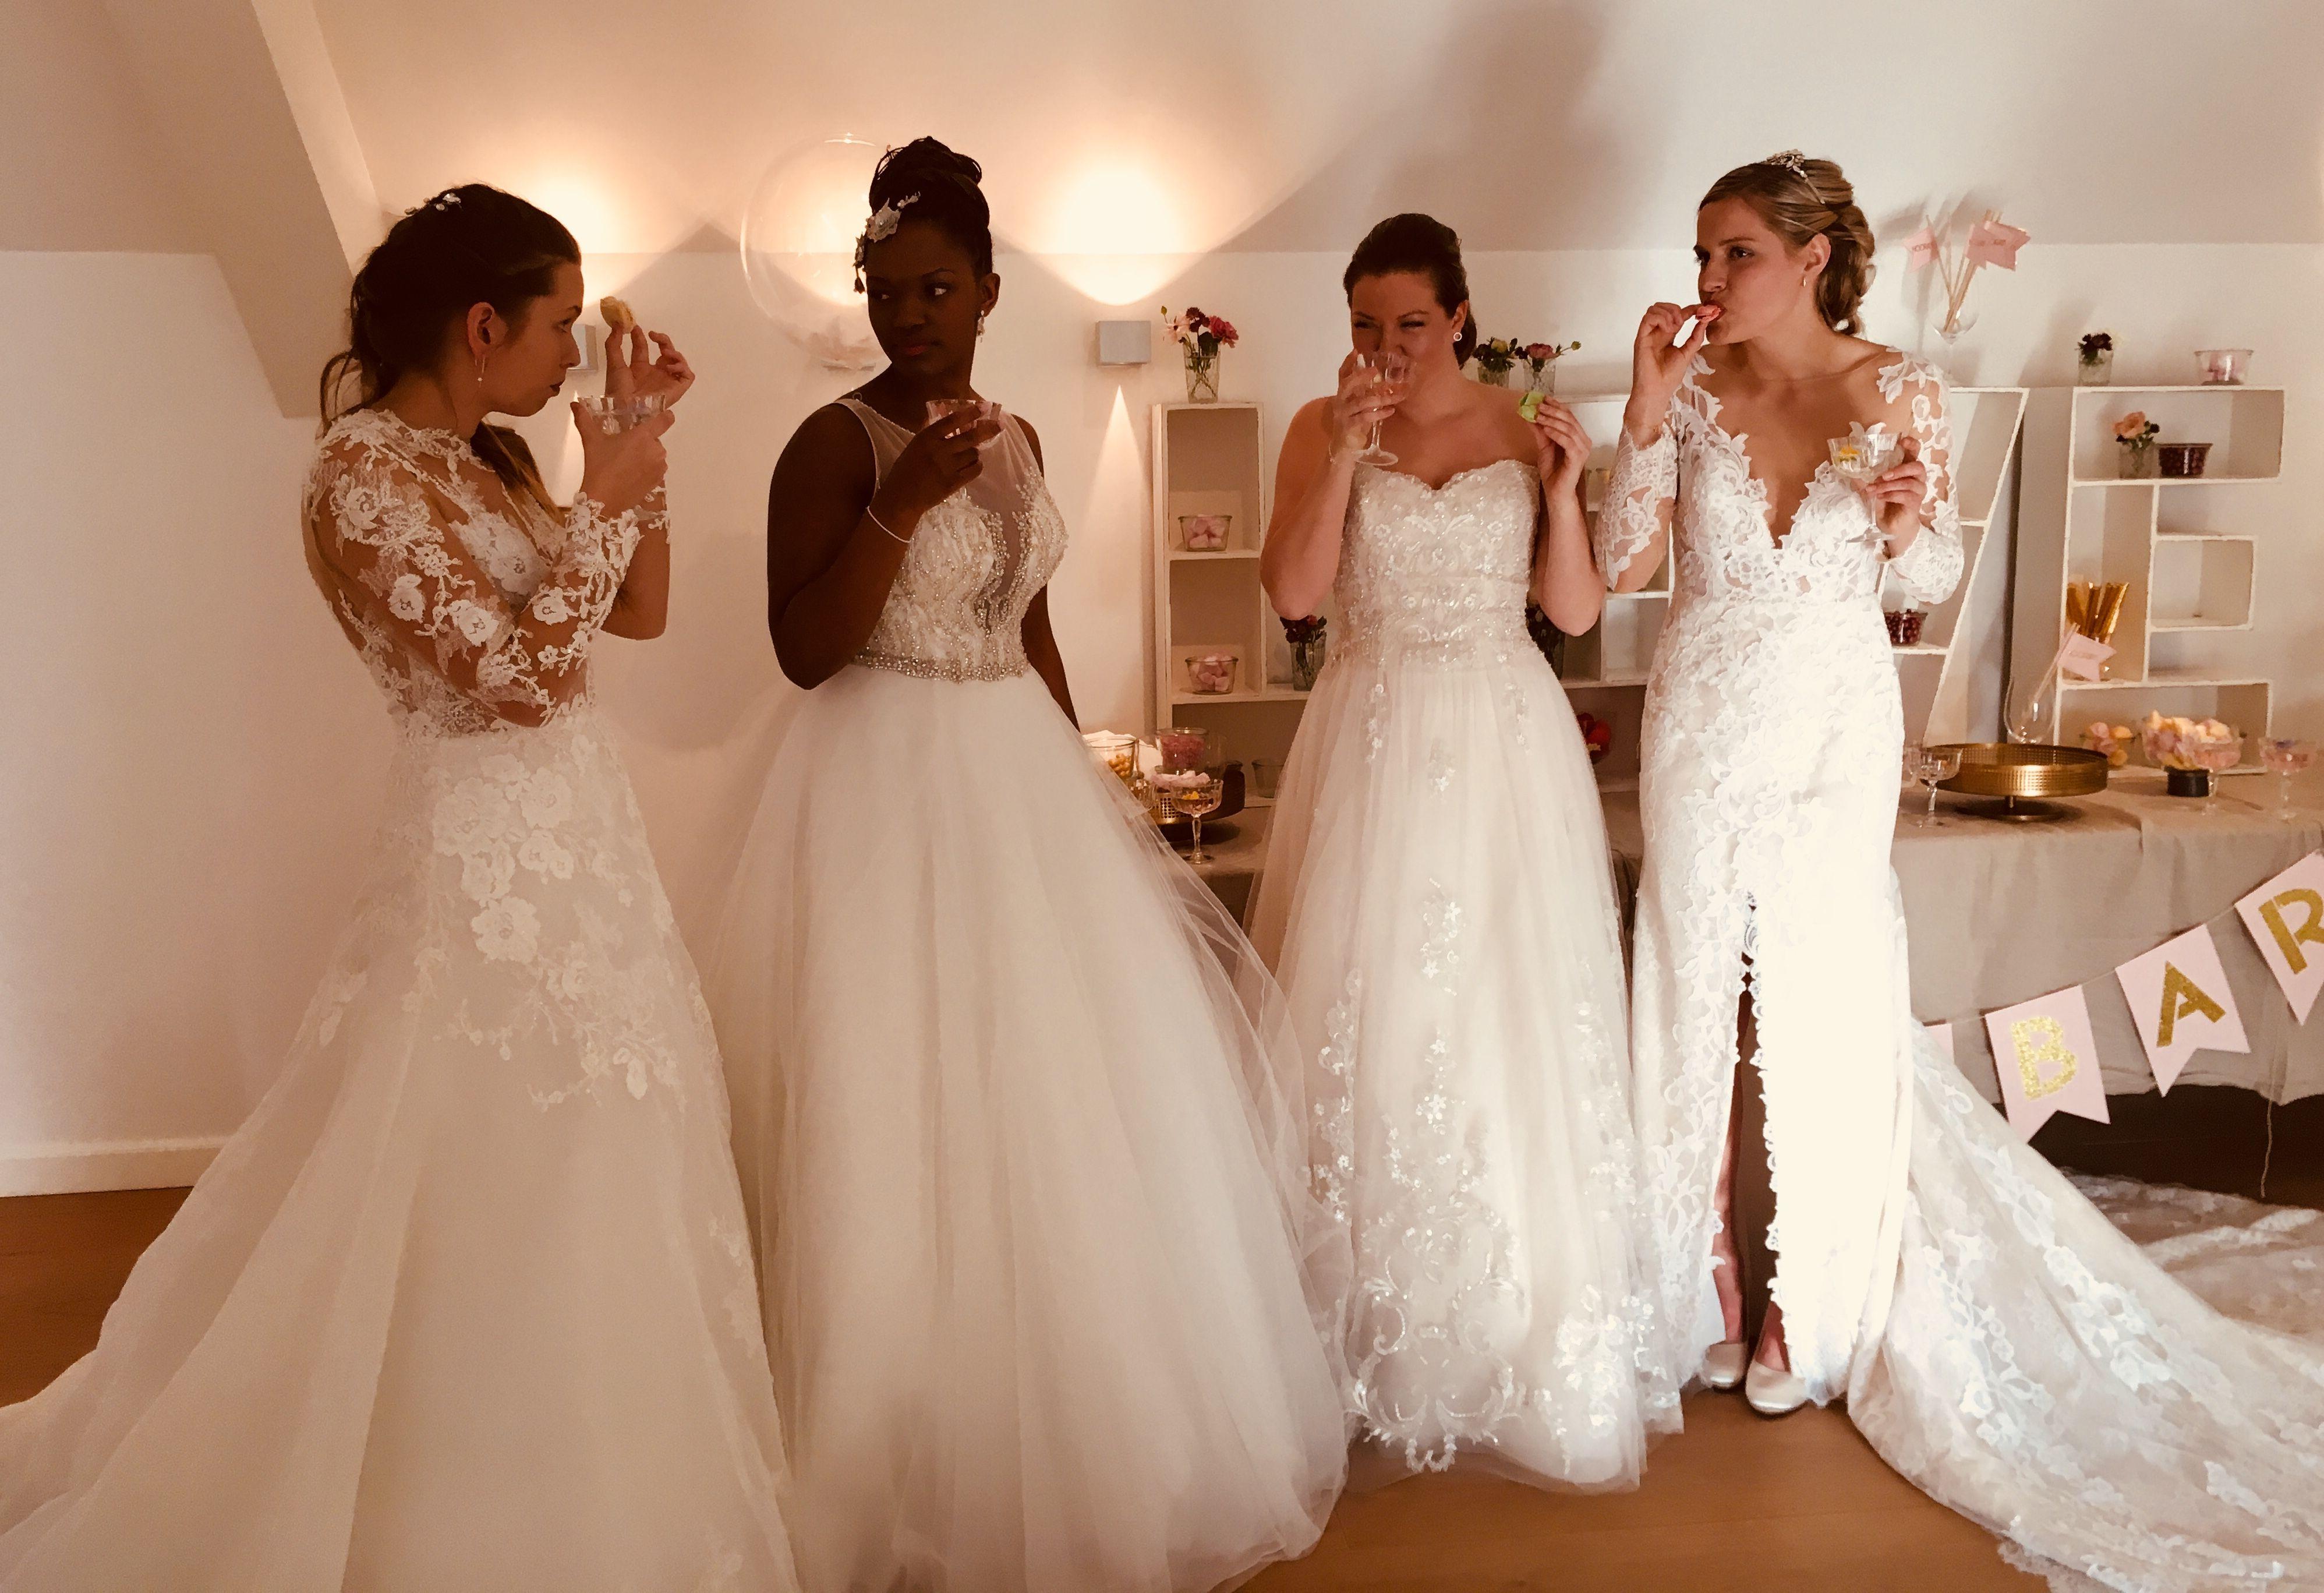 Pin Pa Inspiration Bridal Makeup And Hair Updo